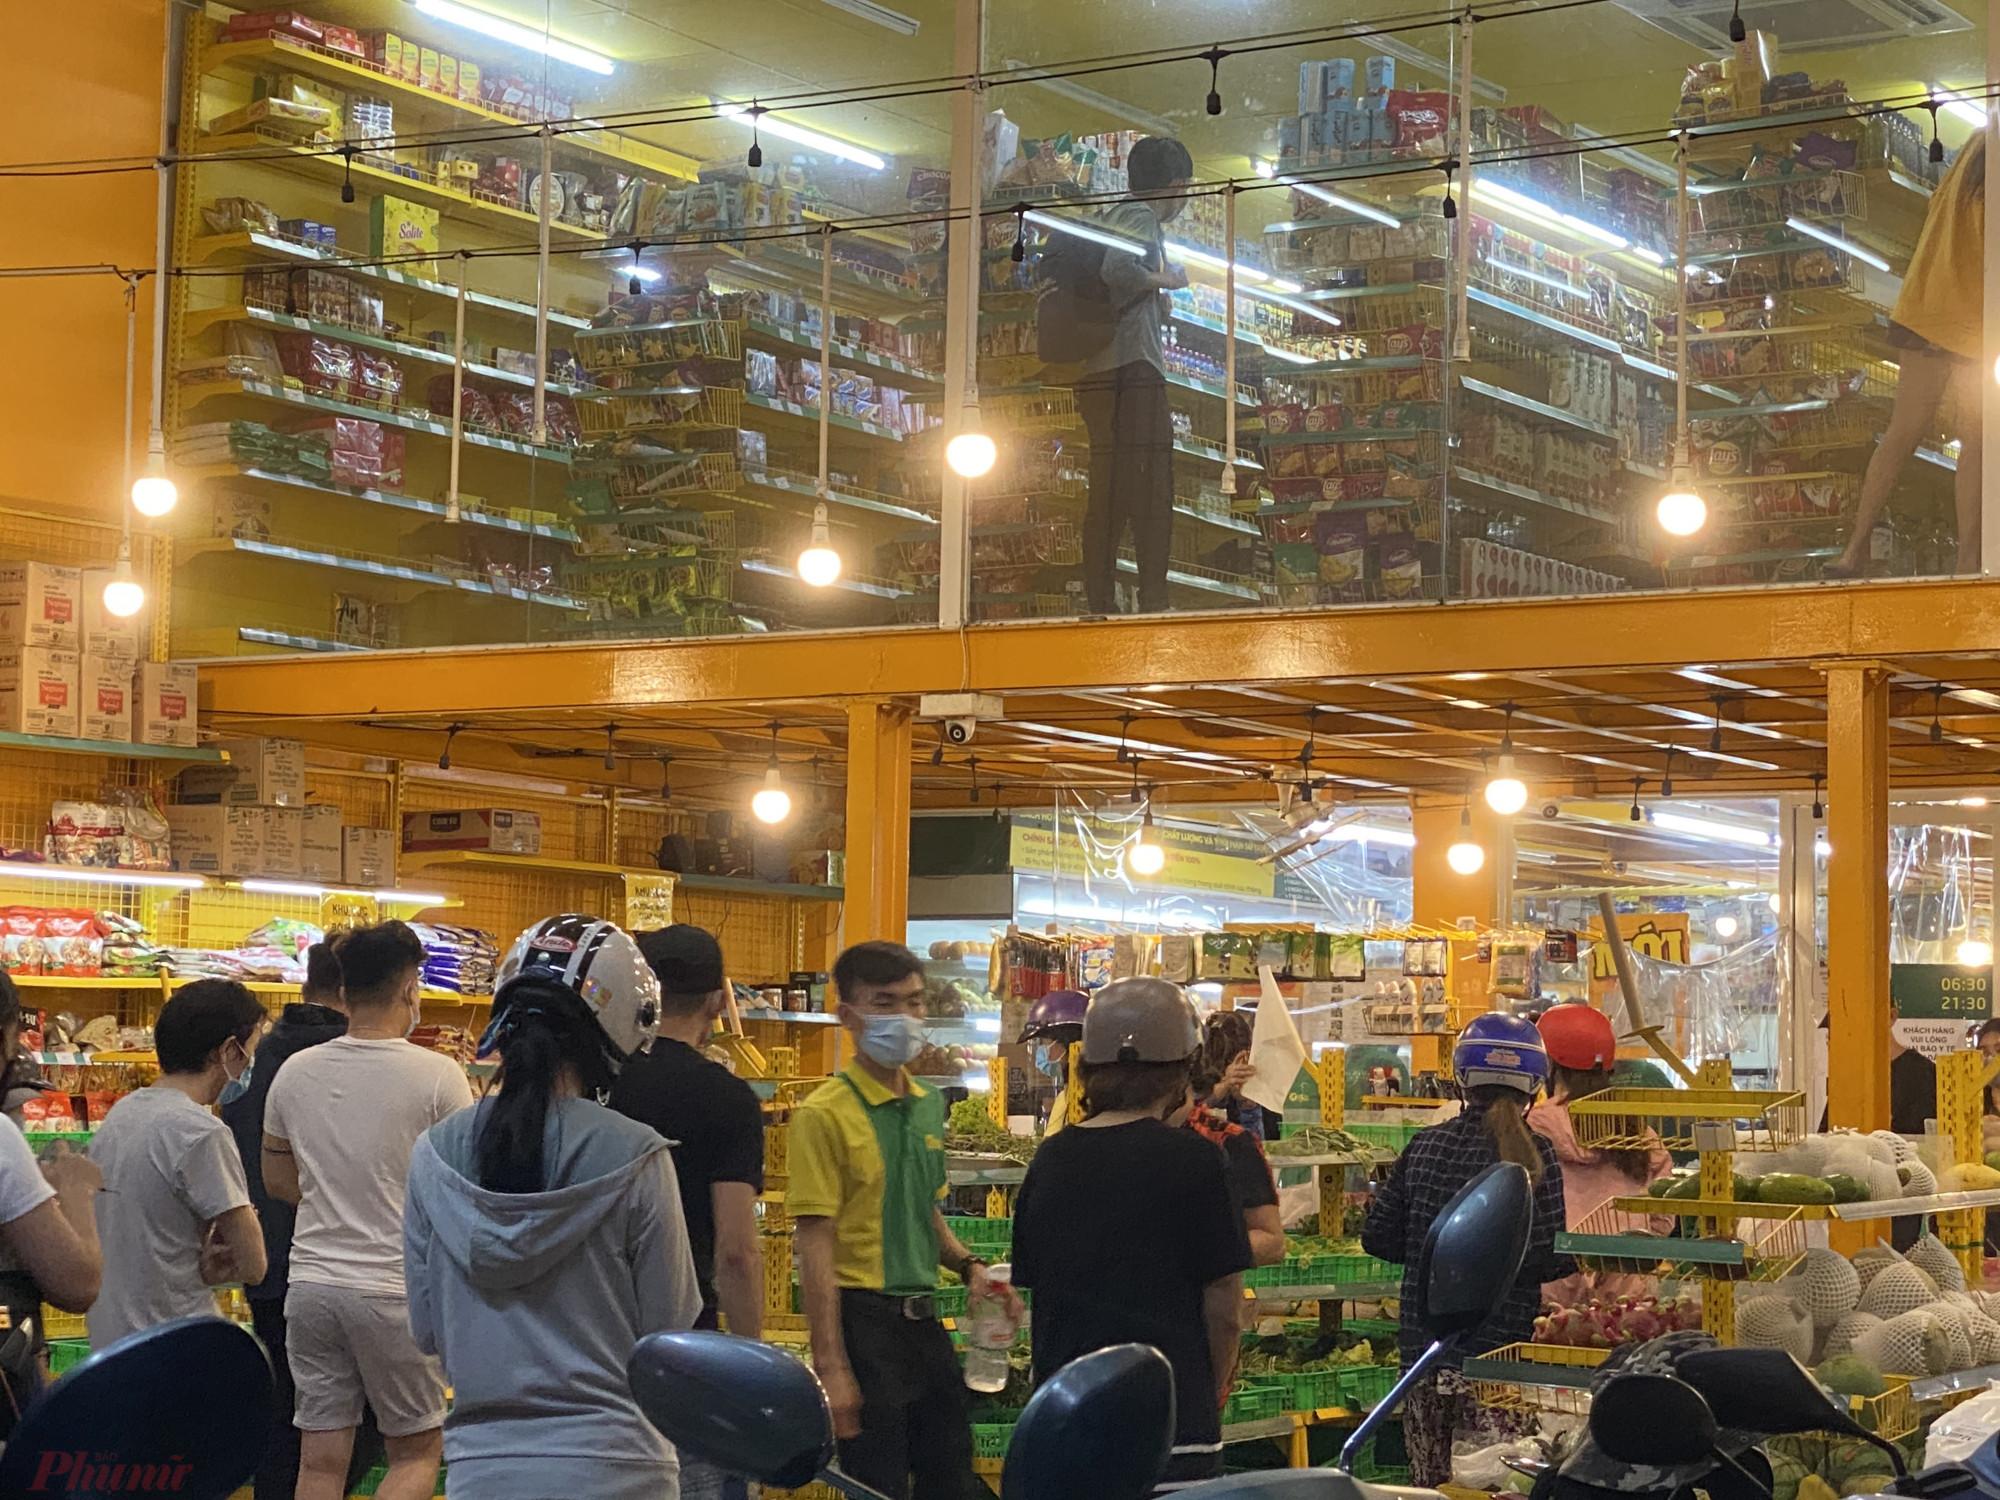 BHX  sẽ trả lại tiền chênh lệch khi khách mang  hoá đơn đến chứng minh cửa hàng sai quy định về giá. Ảnhh: Quốc  Thái